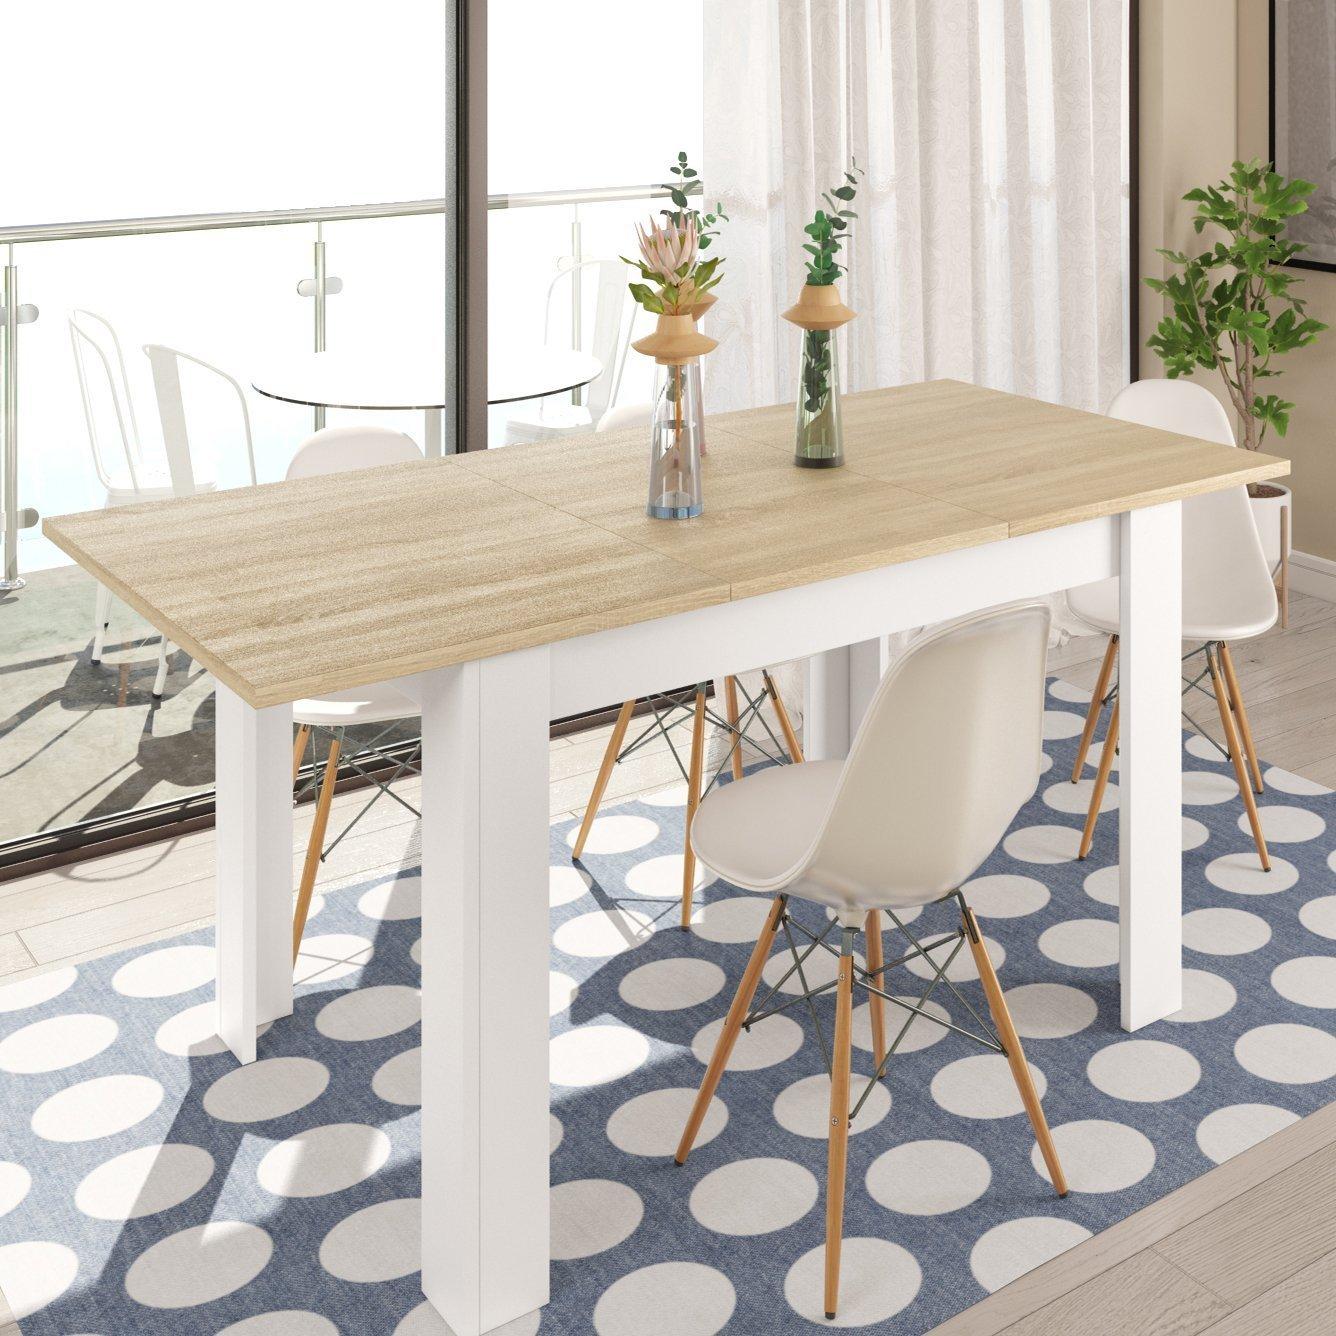 Hogar Decora Pack de Mesa Comedor London + 6 sillas Nordikas Blancas: Amazon.es: Juguetes y juegos